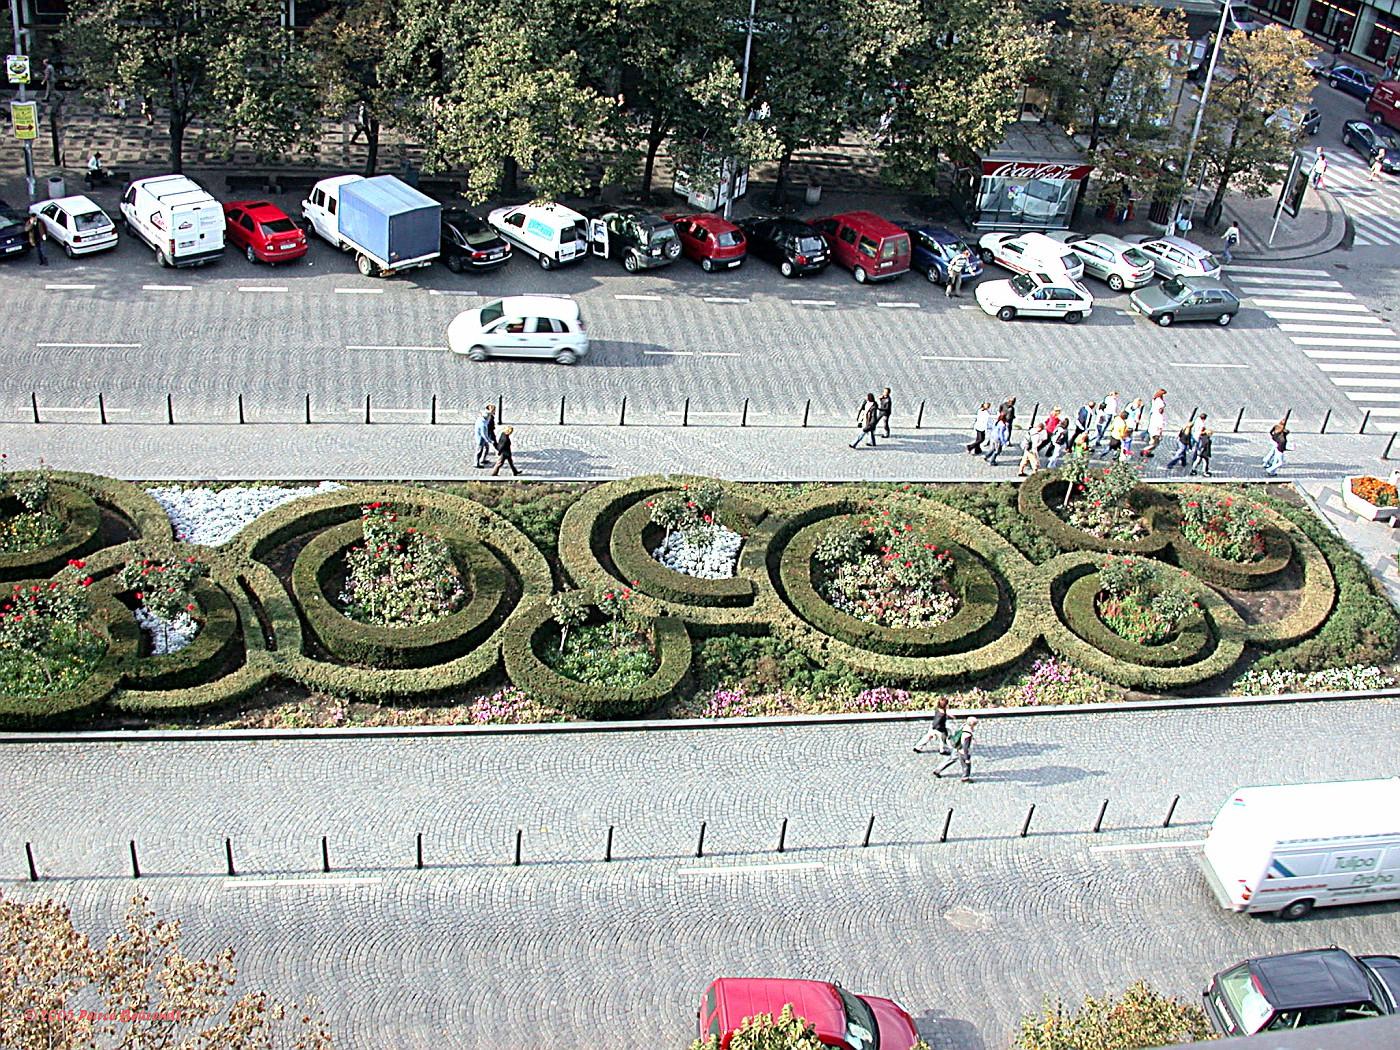 Wenceslas Sq gardens 1